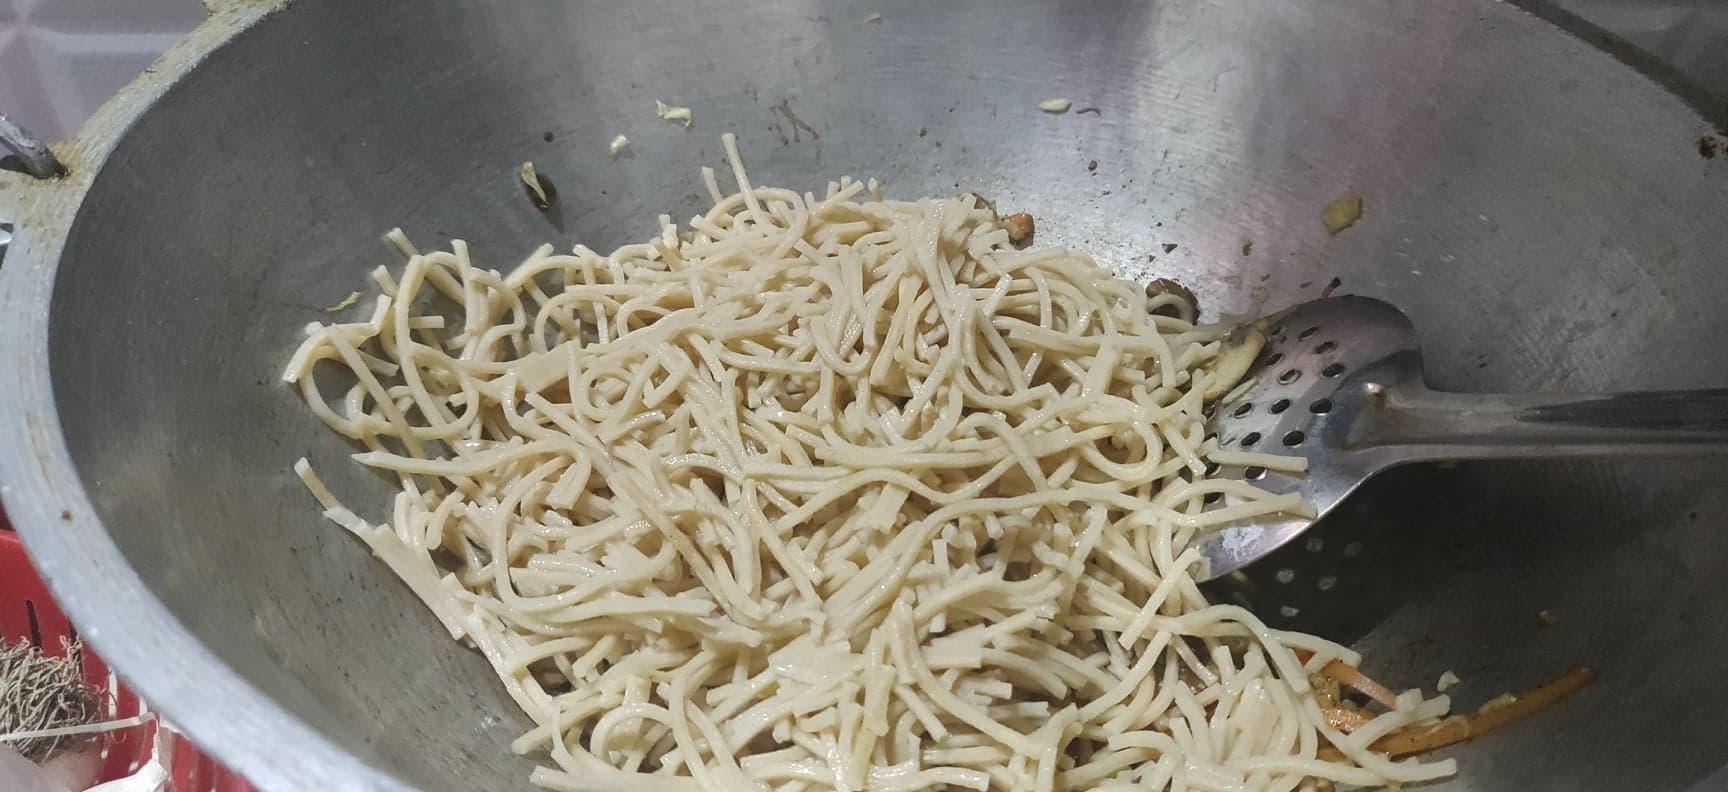 mushroom_noodles - 83374601_832107943917896_2986190555026817024_n